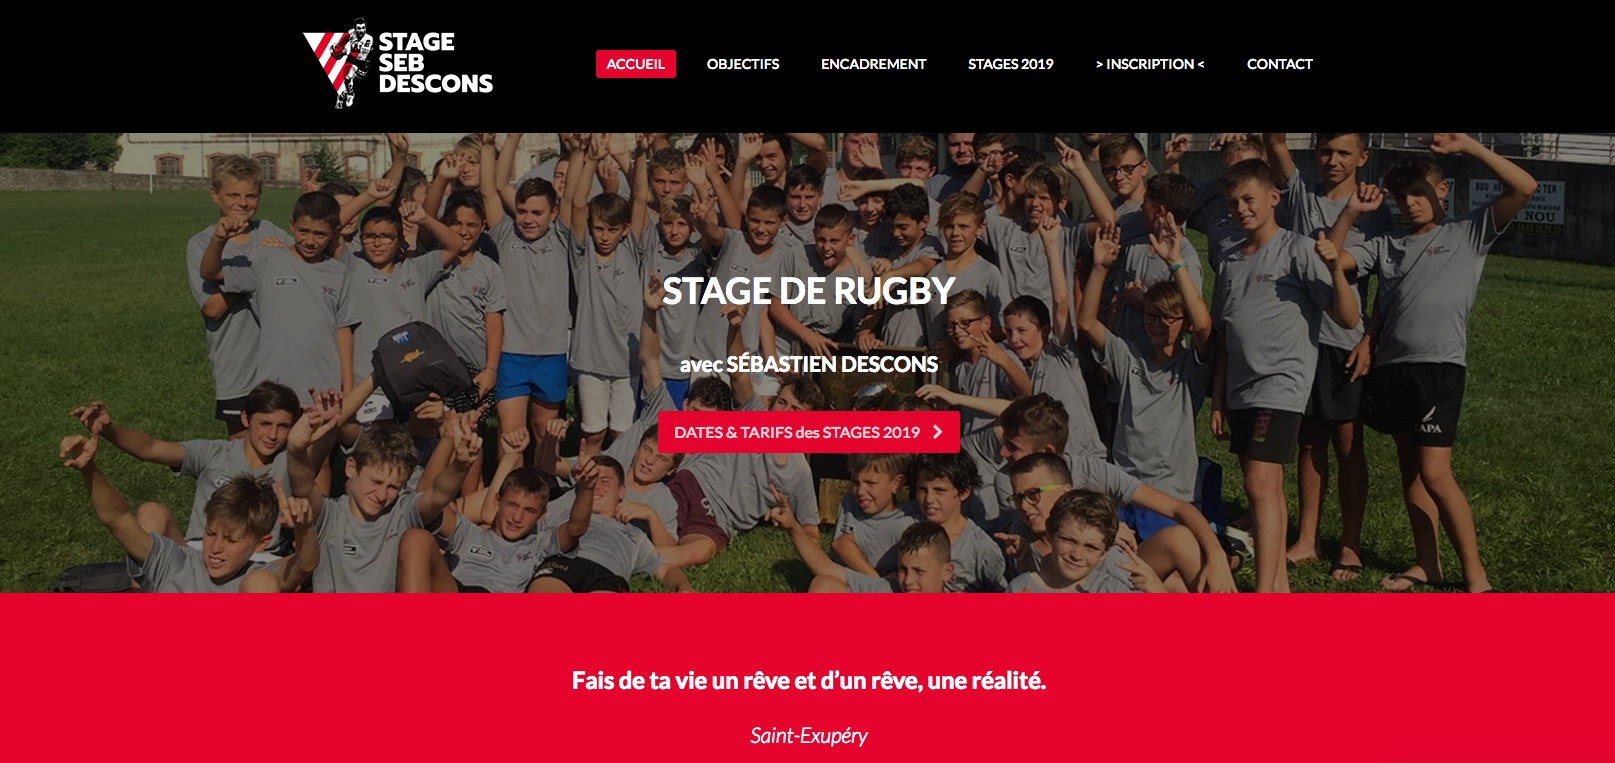 Stage De Rugby Sébastien  Descons